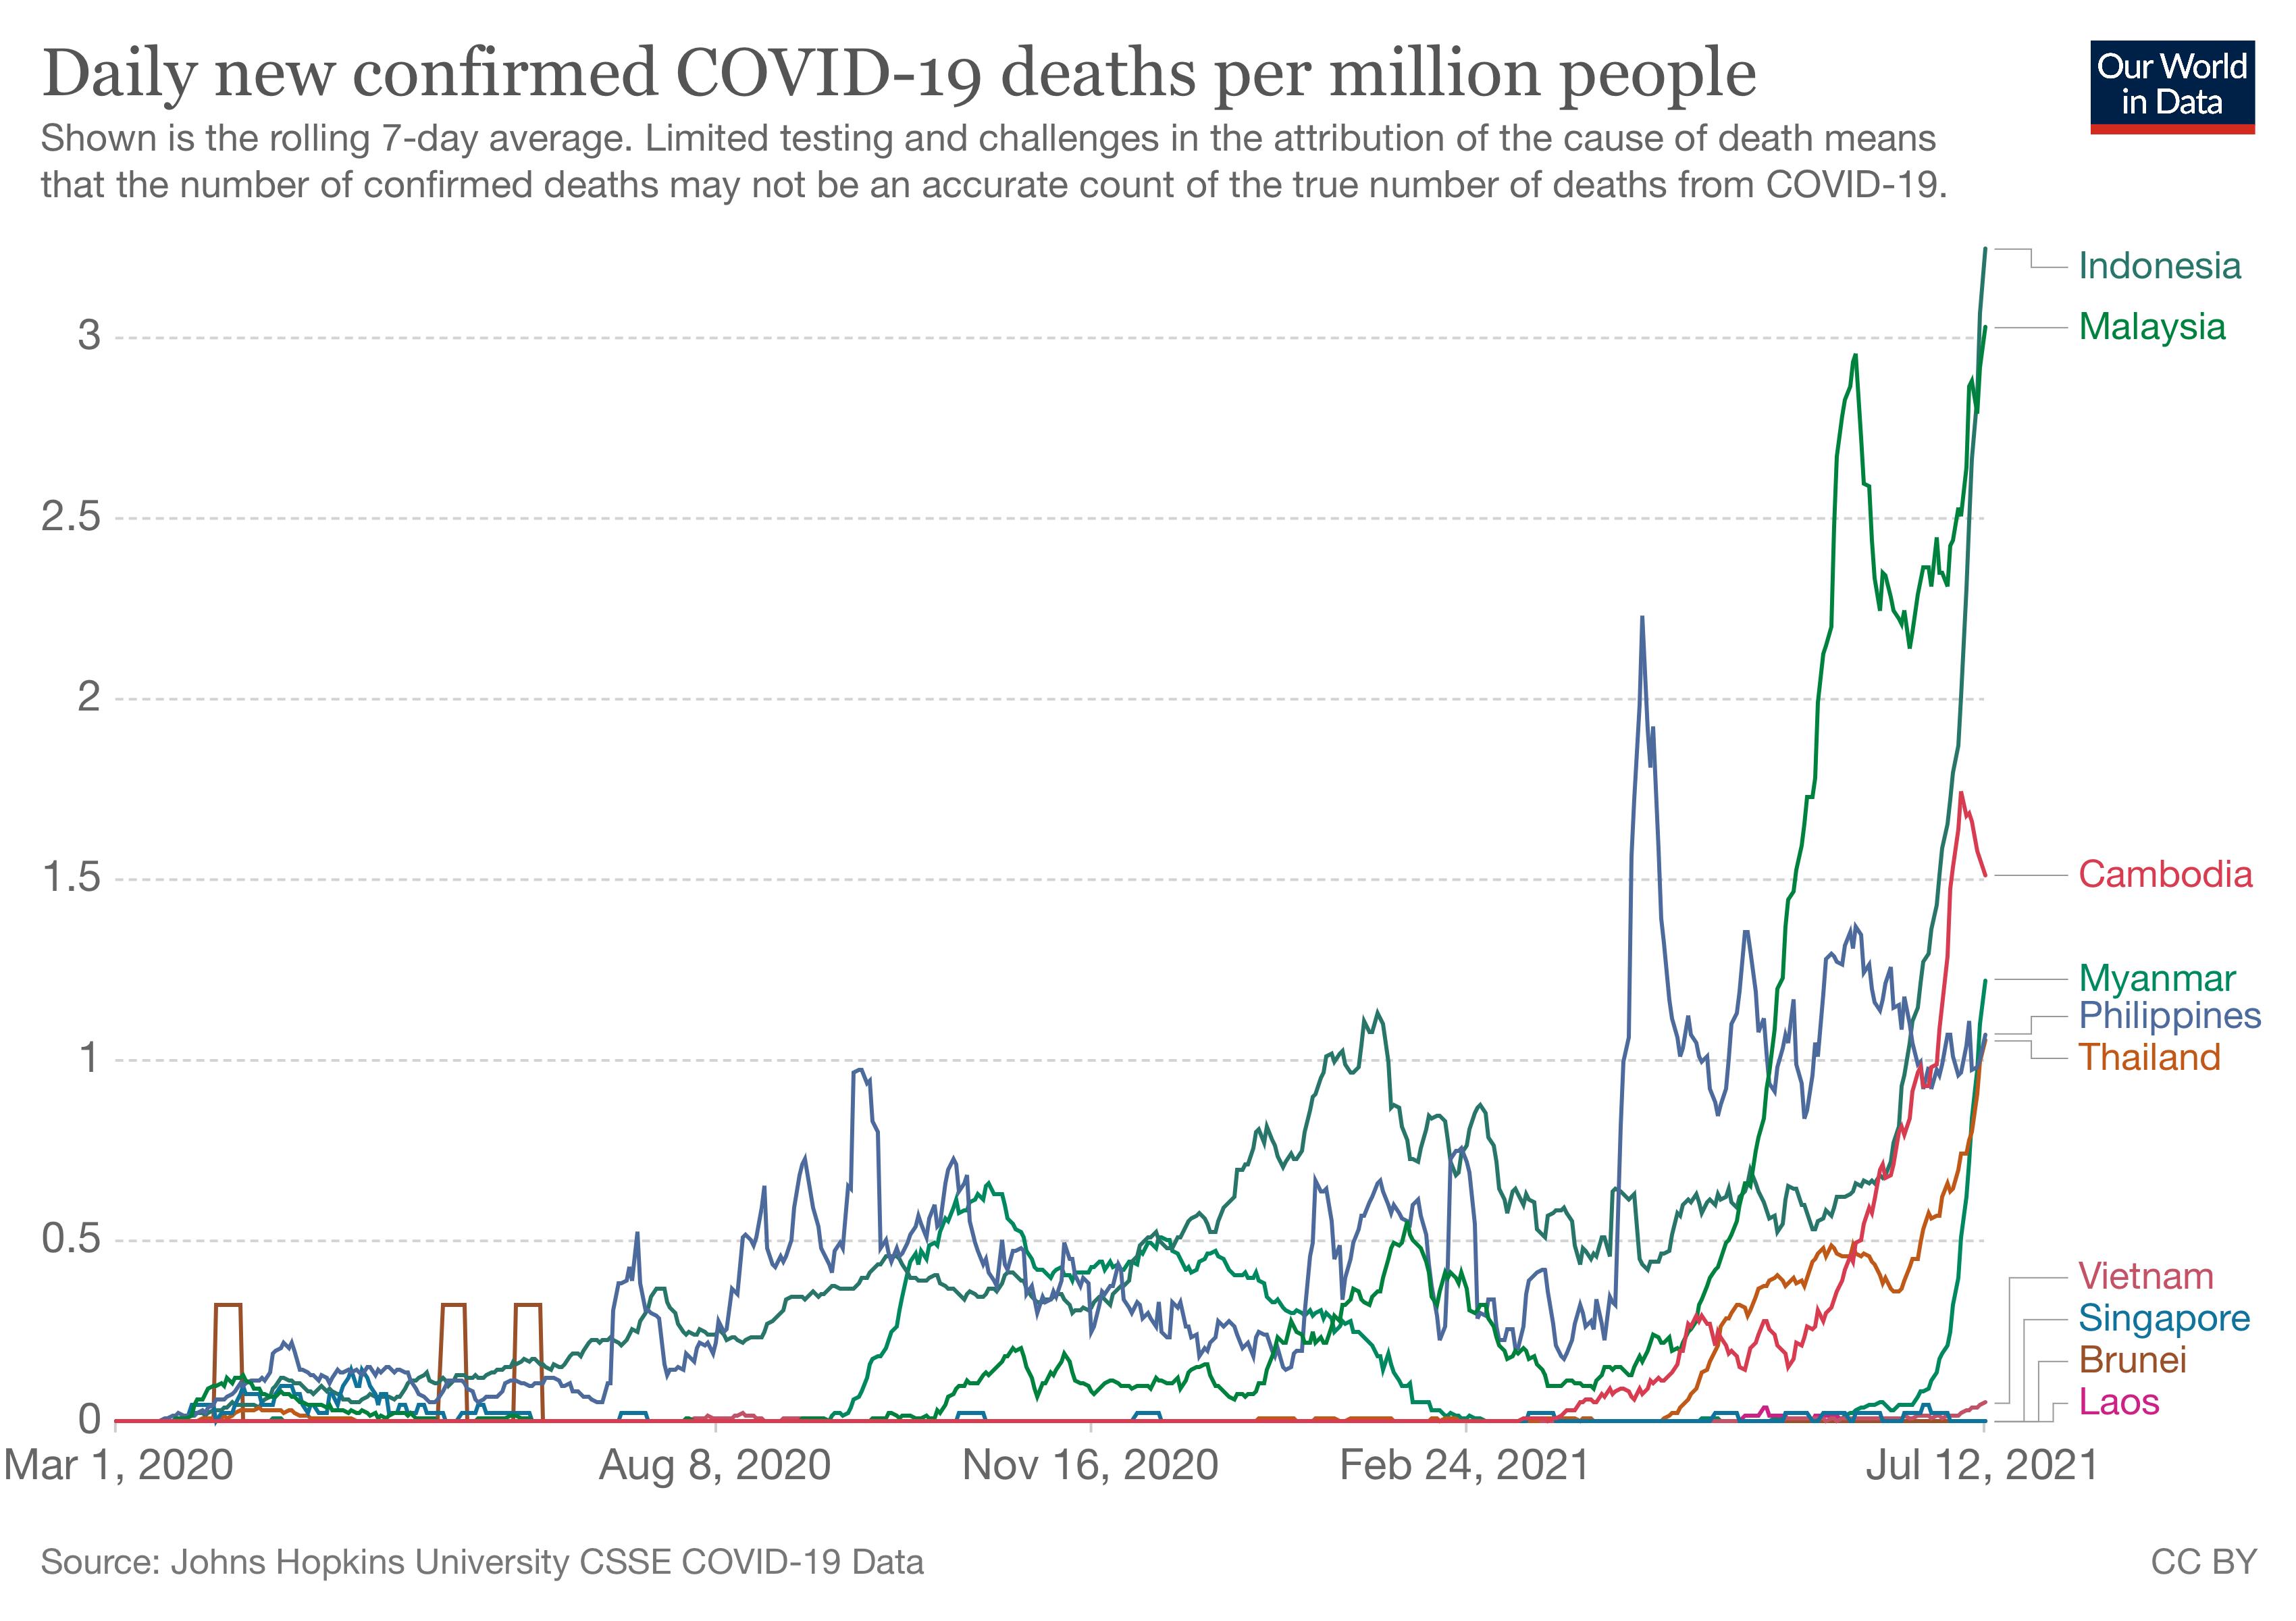 東南アジア コロナ 新規 死亡者数 1週間平均